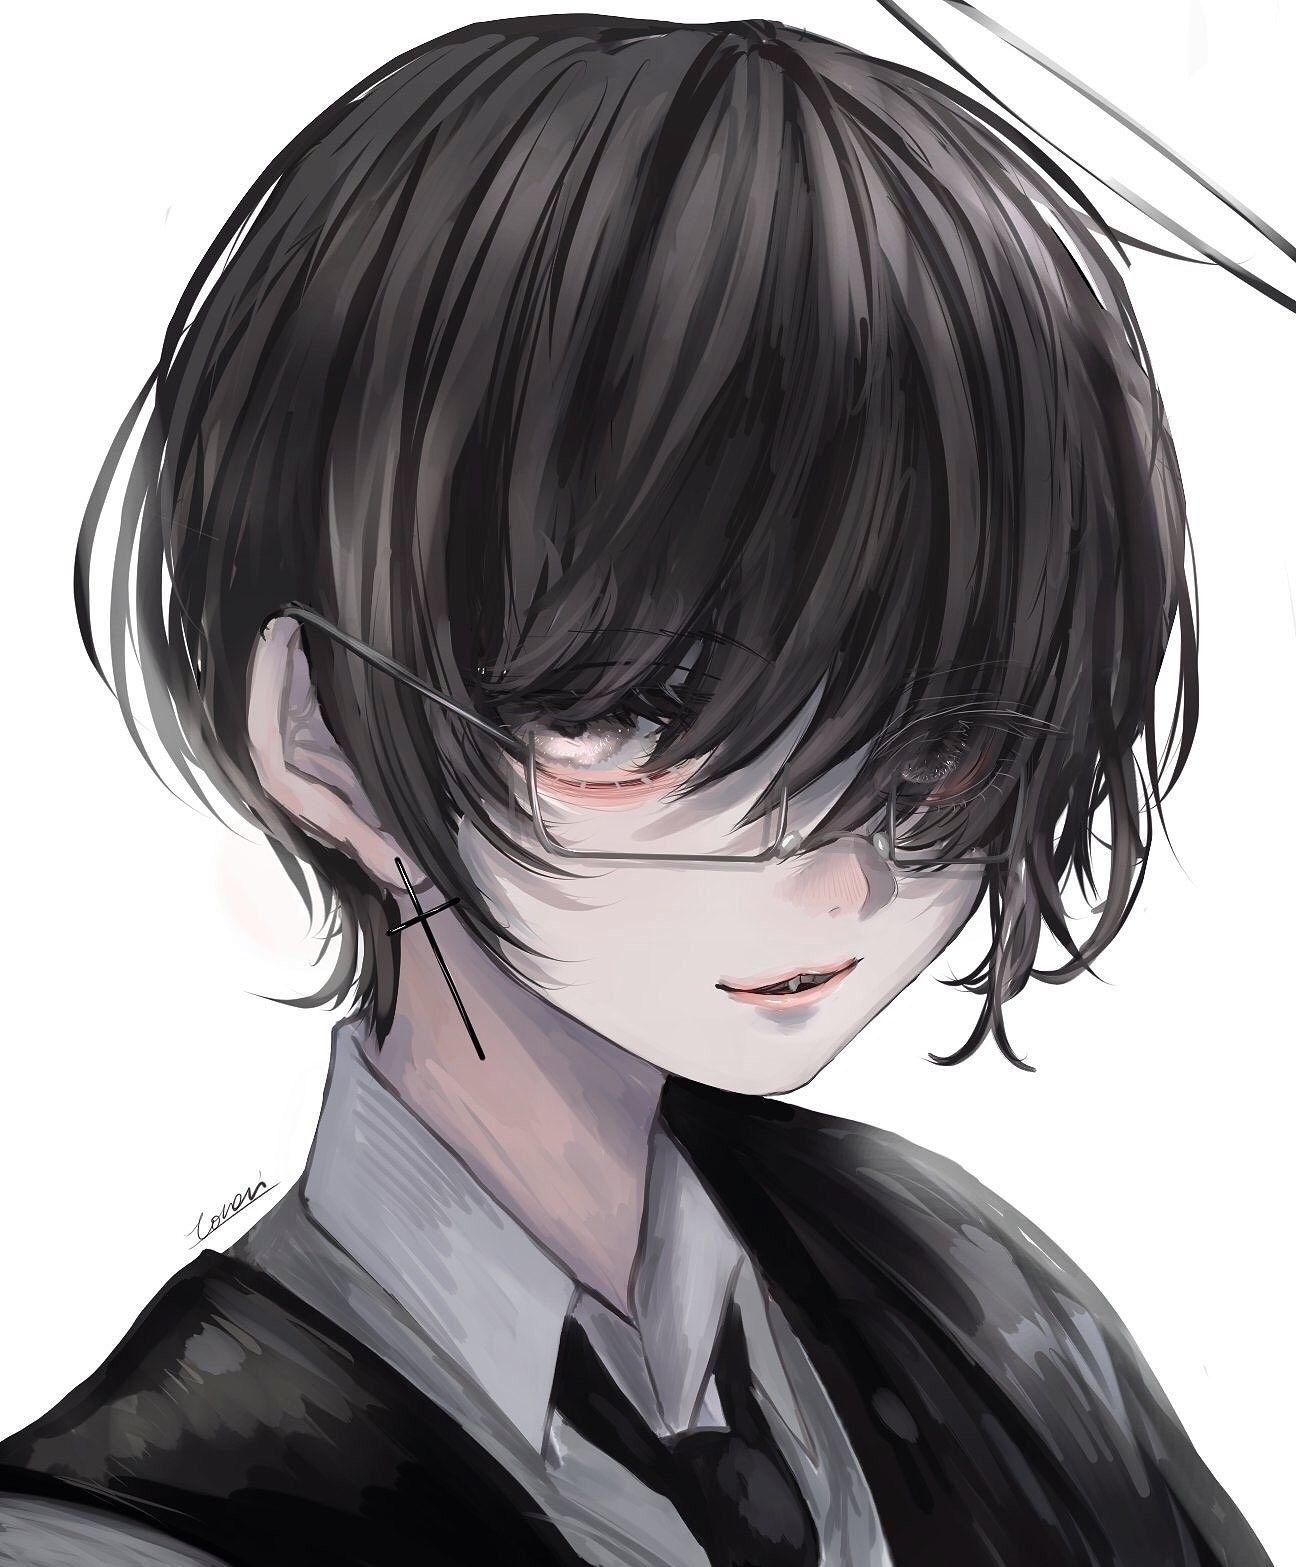 anime boys おしゃれまとめの人気アイデア pinterest brianna price 暗いスケッチ 黒髪 イラスト 病みイラスト